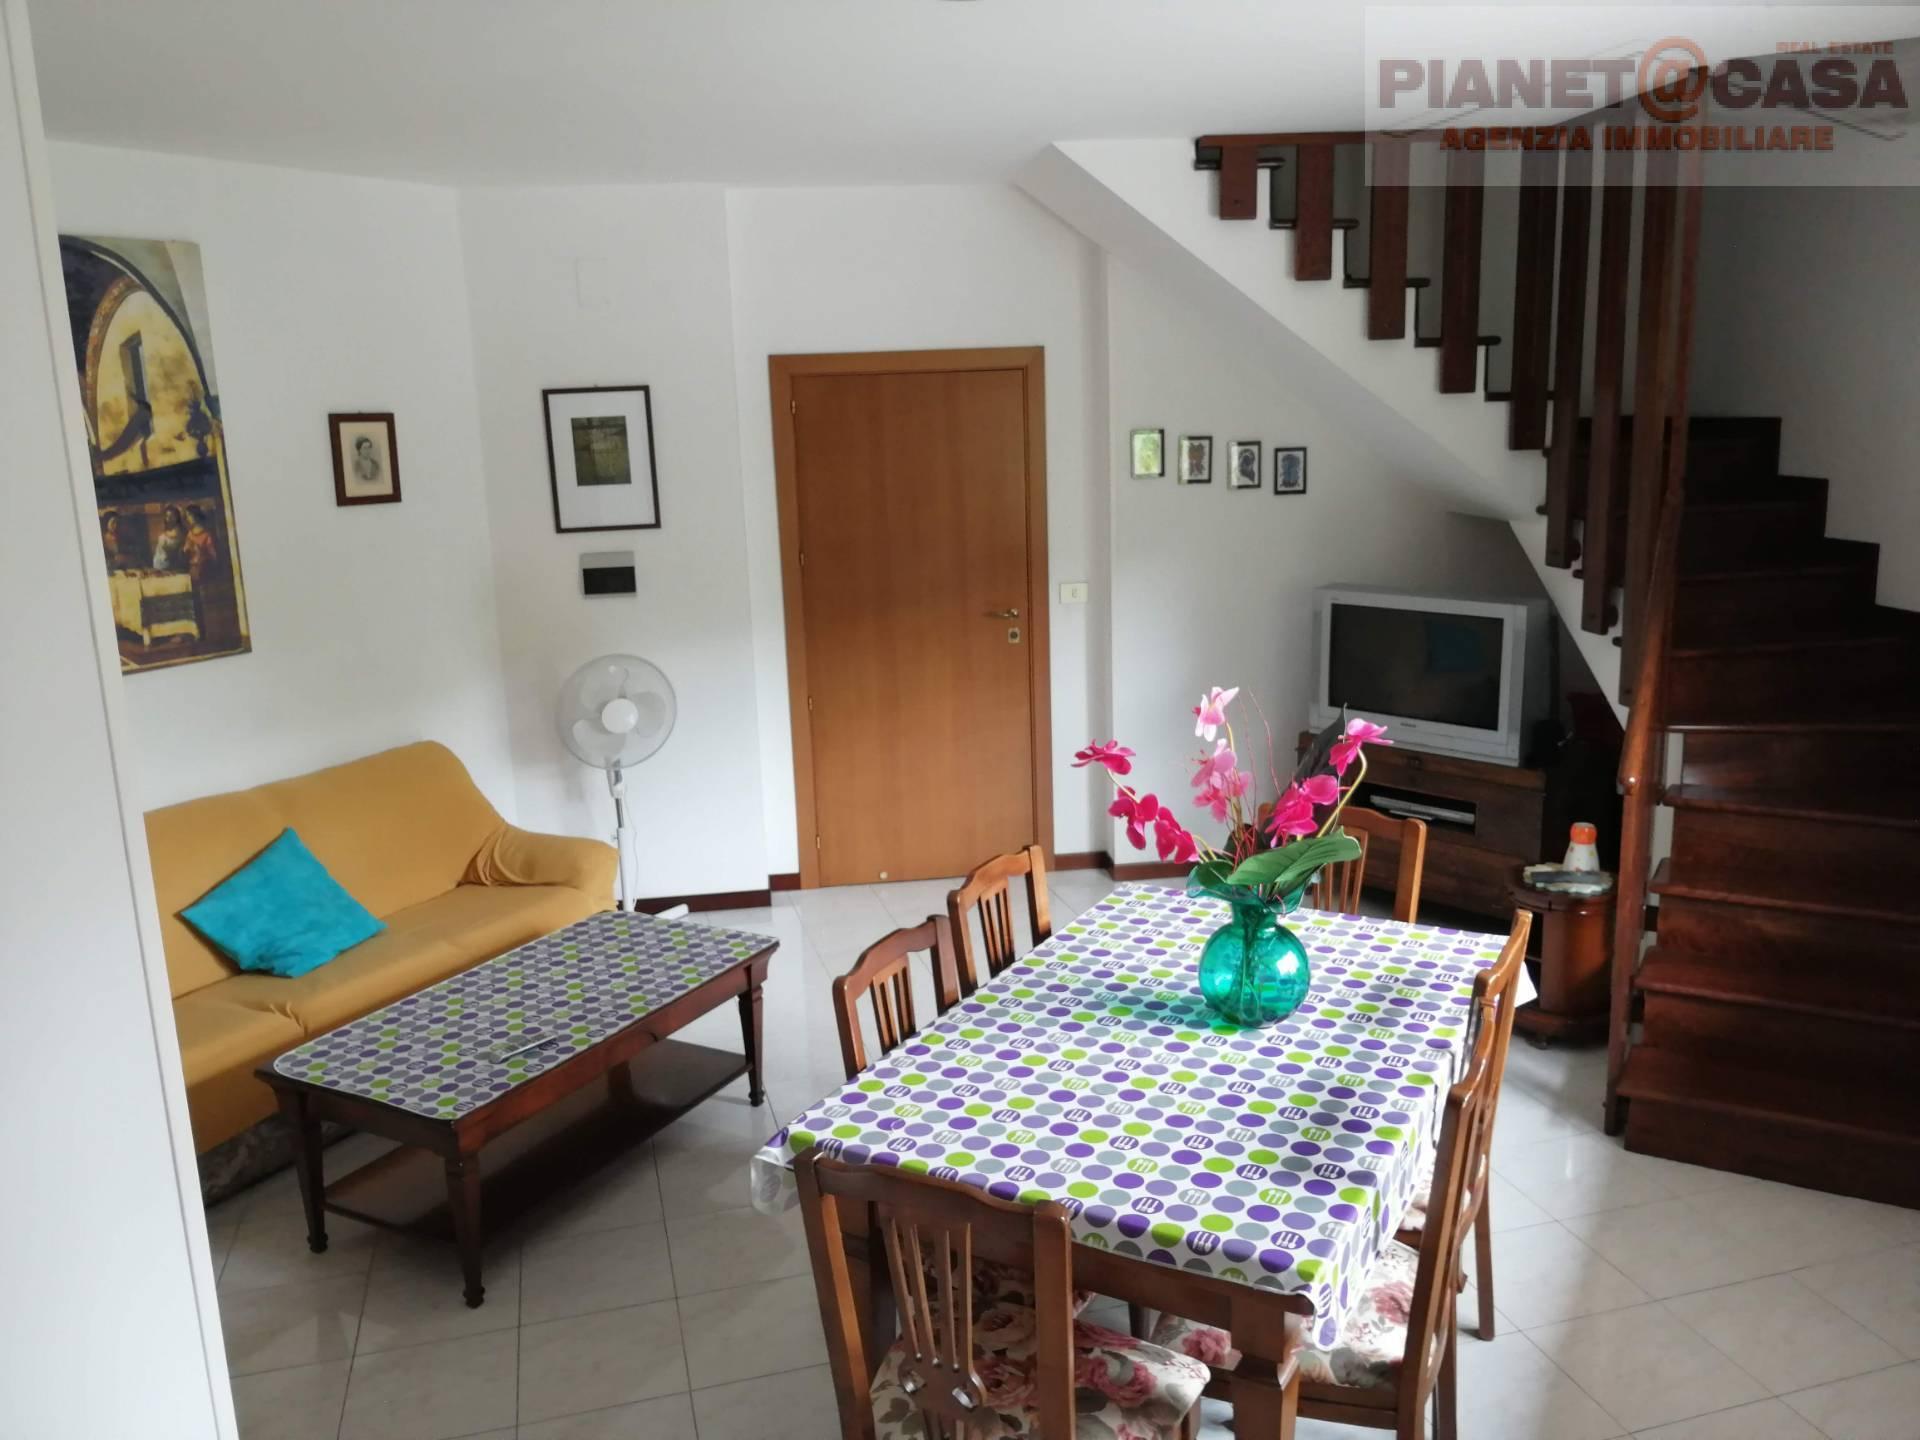 Appartamento in vendita a Castel di Lama, 7 locali, prezzo € 139.000 | CambioCasa.it